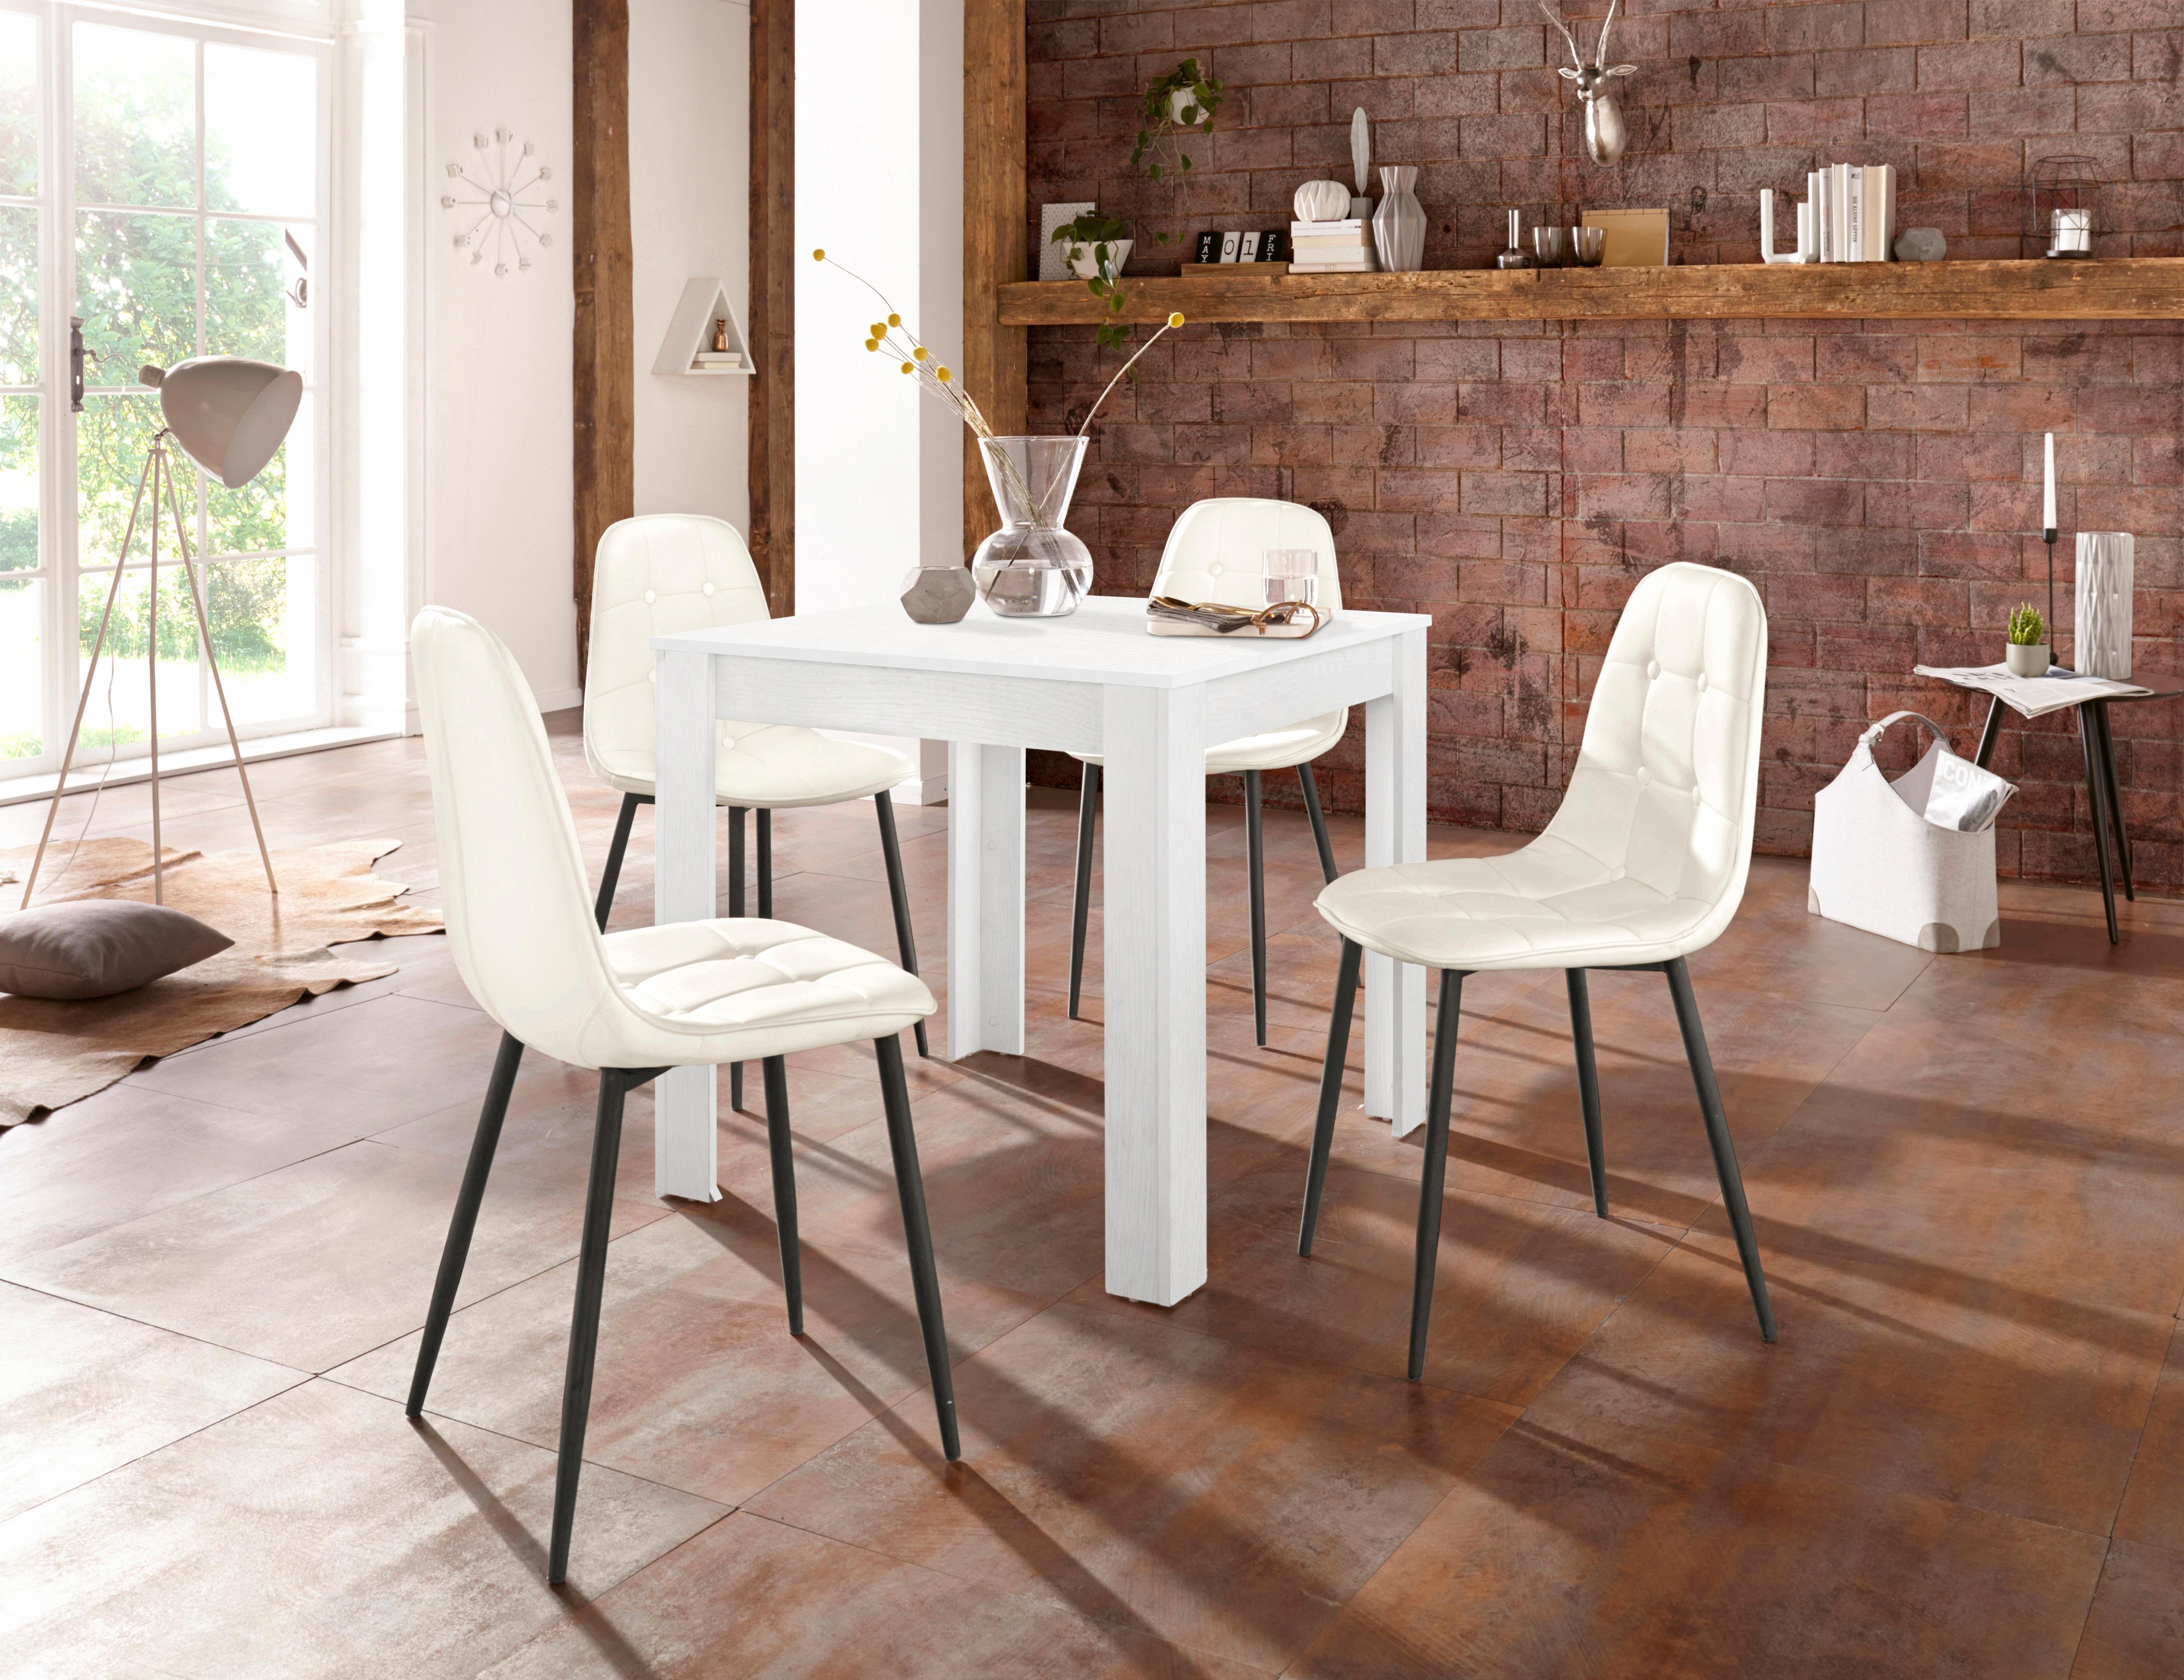 Essgruppe (Set 5-tlg) | Küche und Esszimmer > Essgruppen > Essgruppen | Weiß